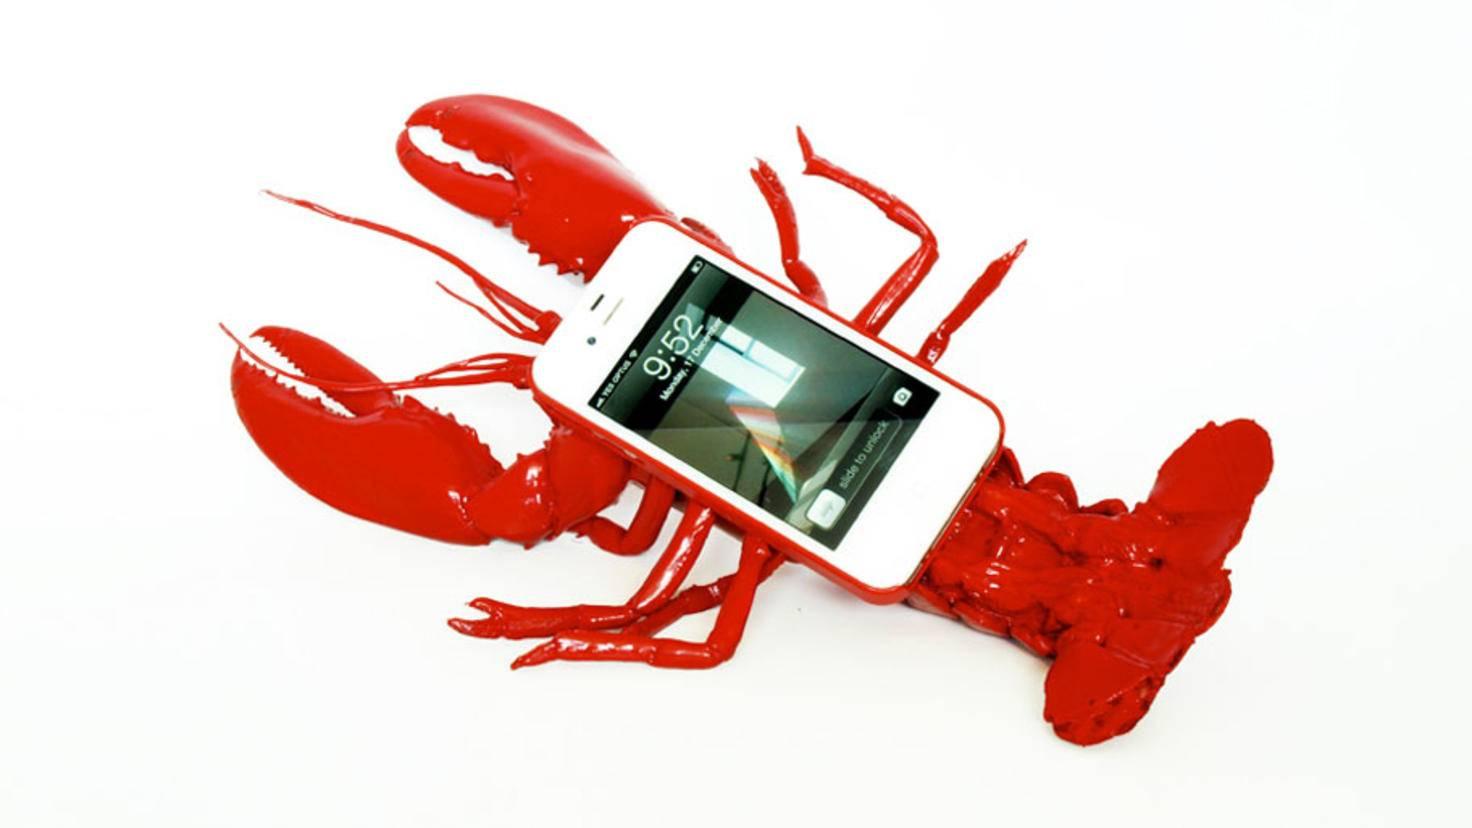 Case-lobster